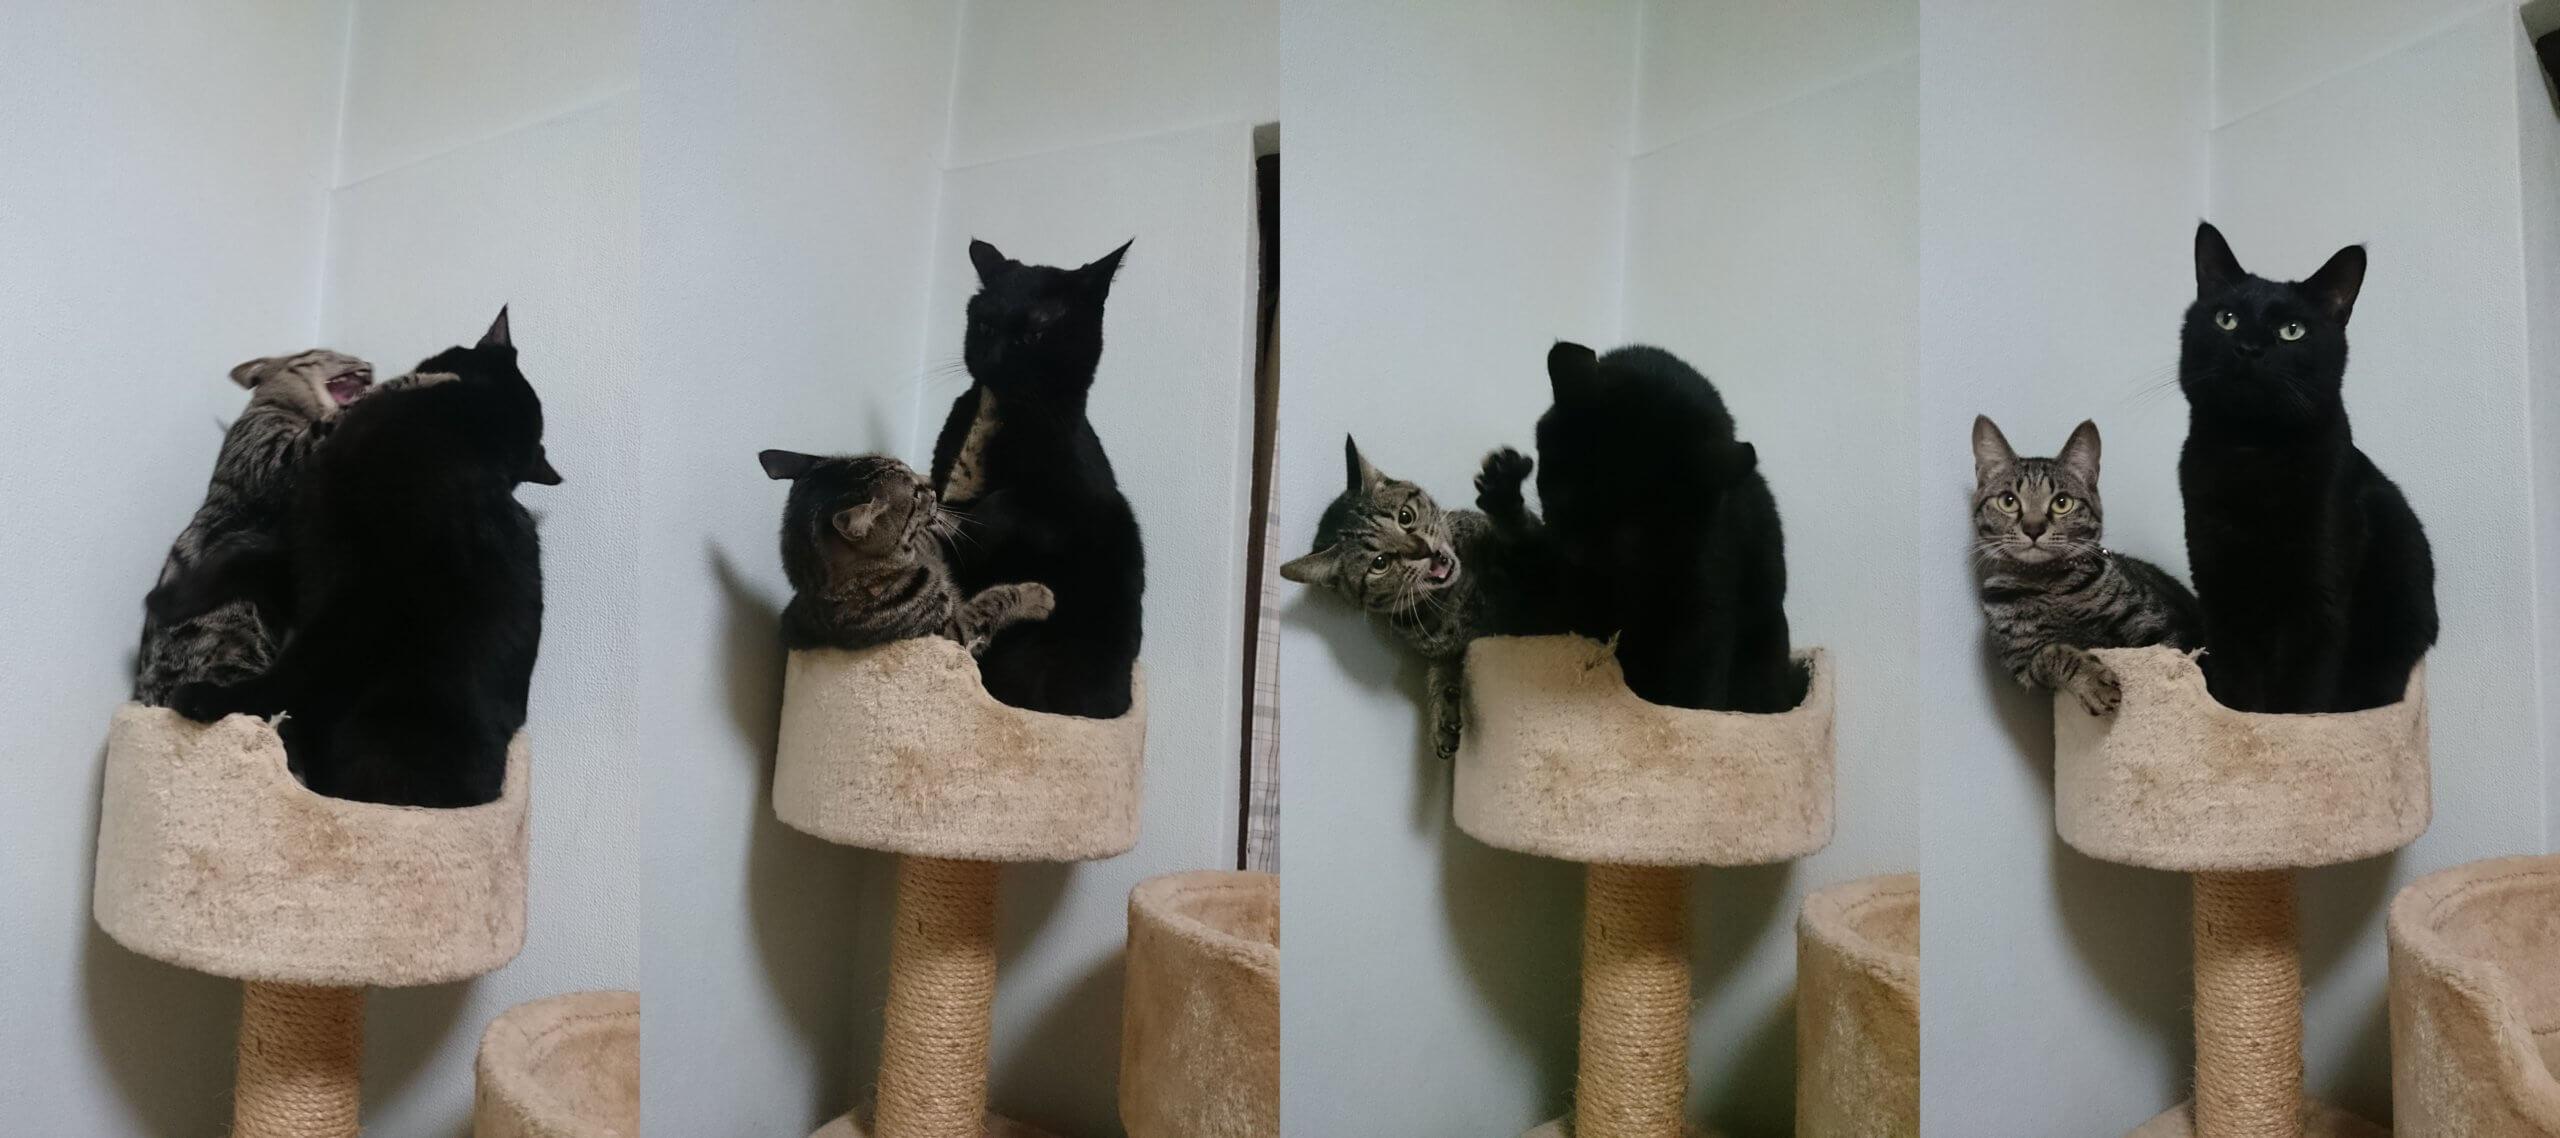 キャットタワーで戦いを繰り広げる黒猫カイくんとキジトラのココちゃん